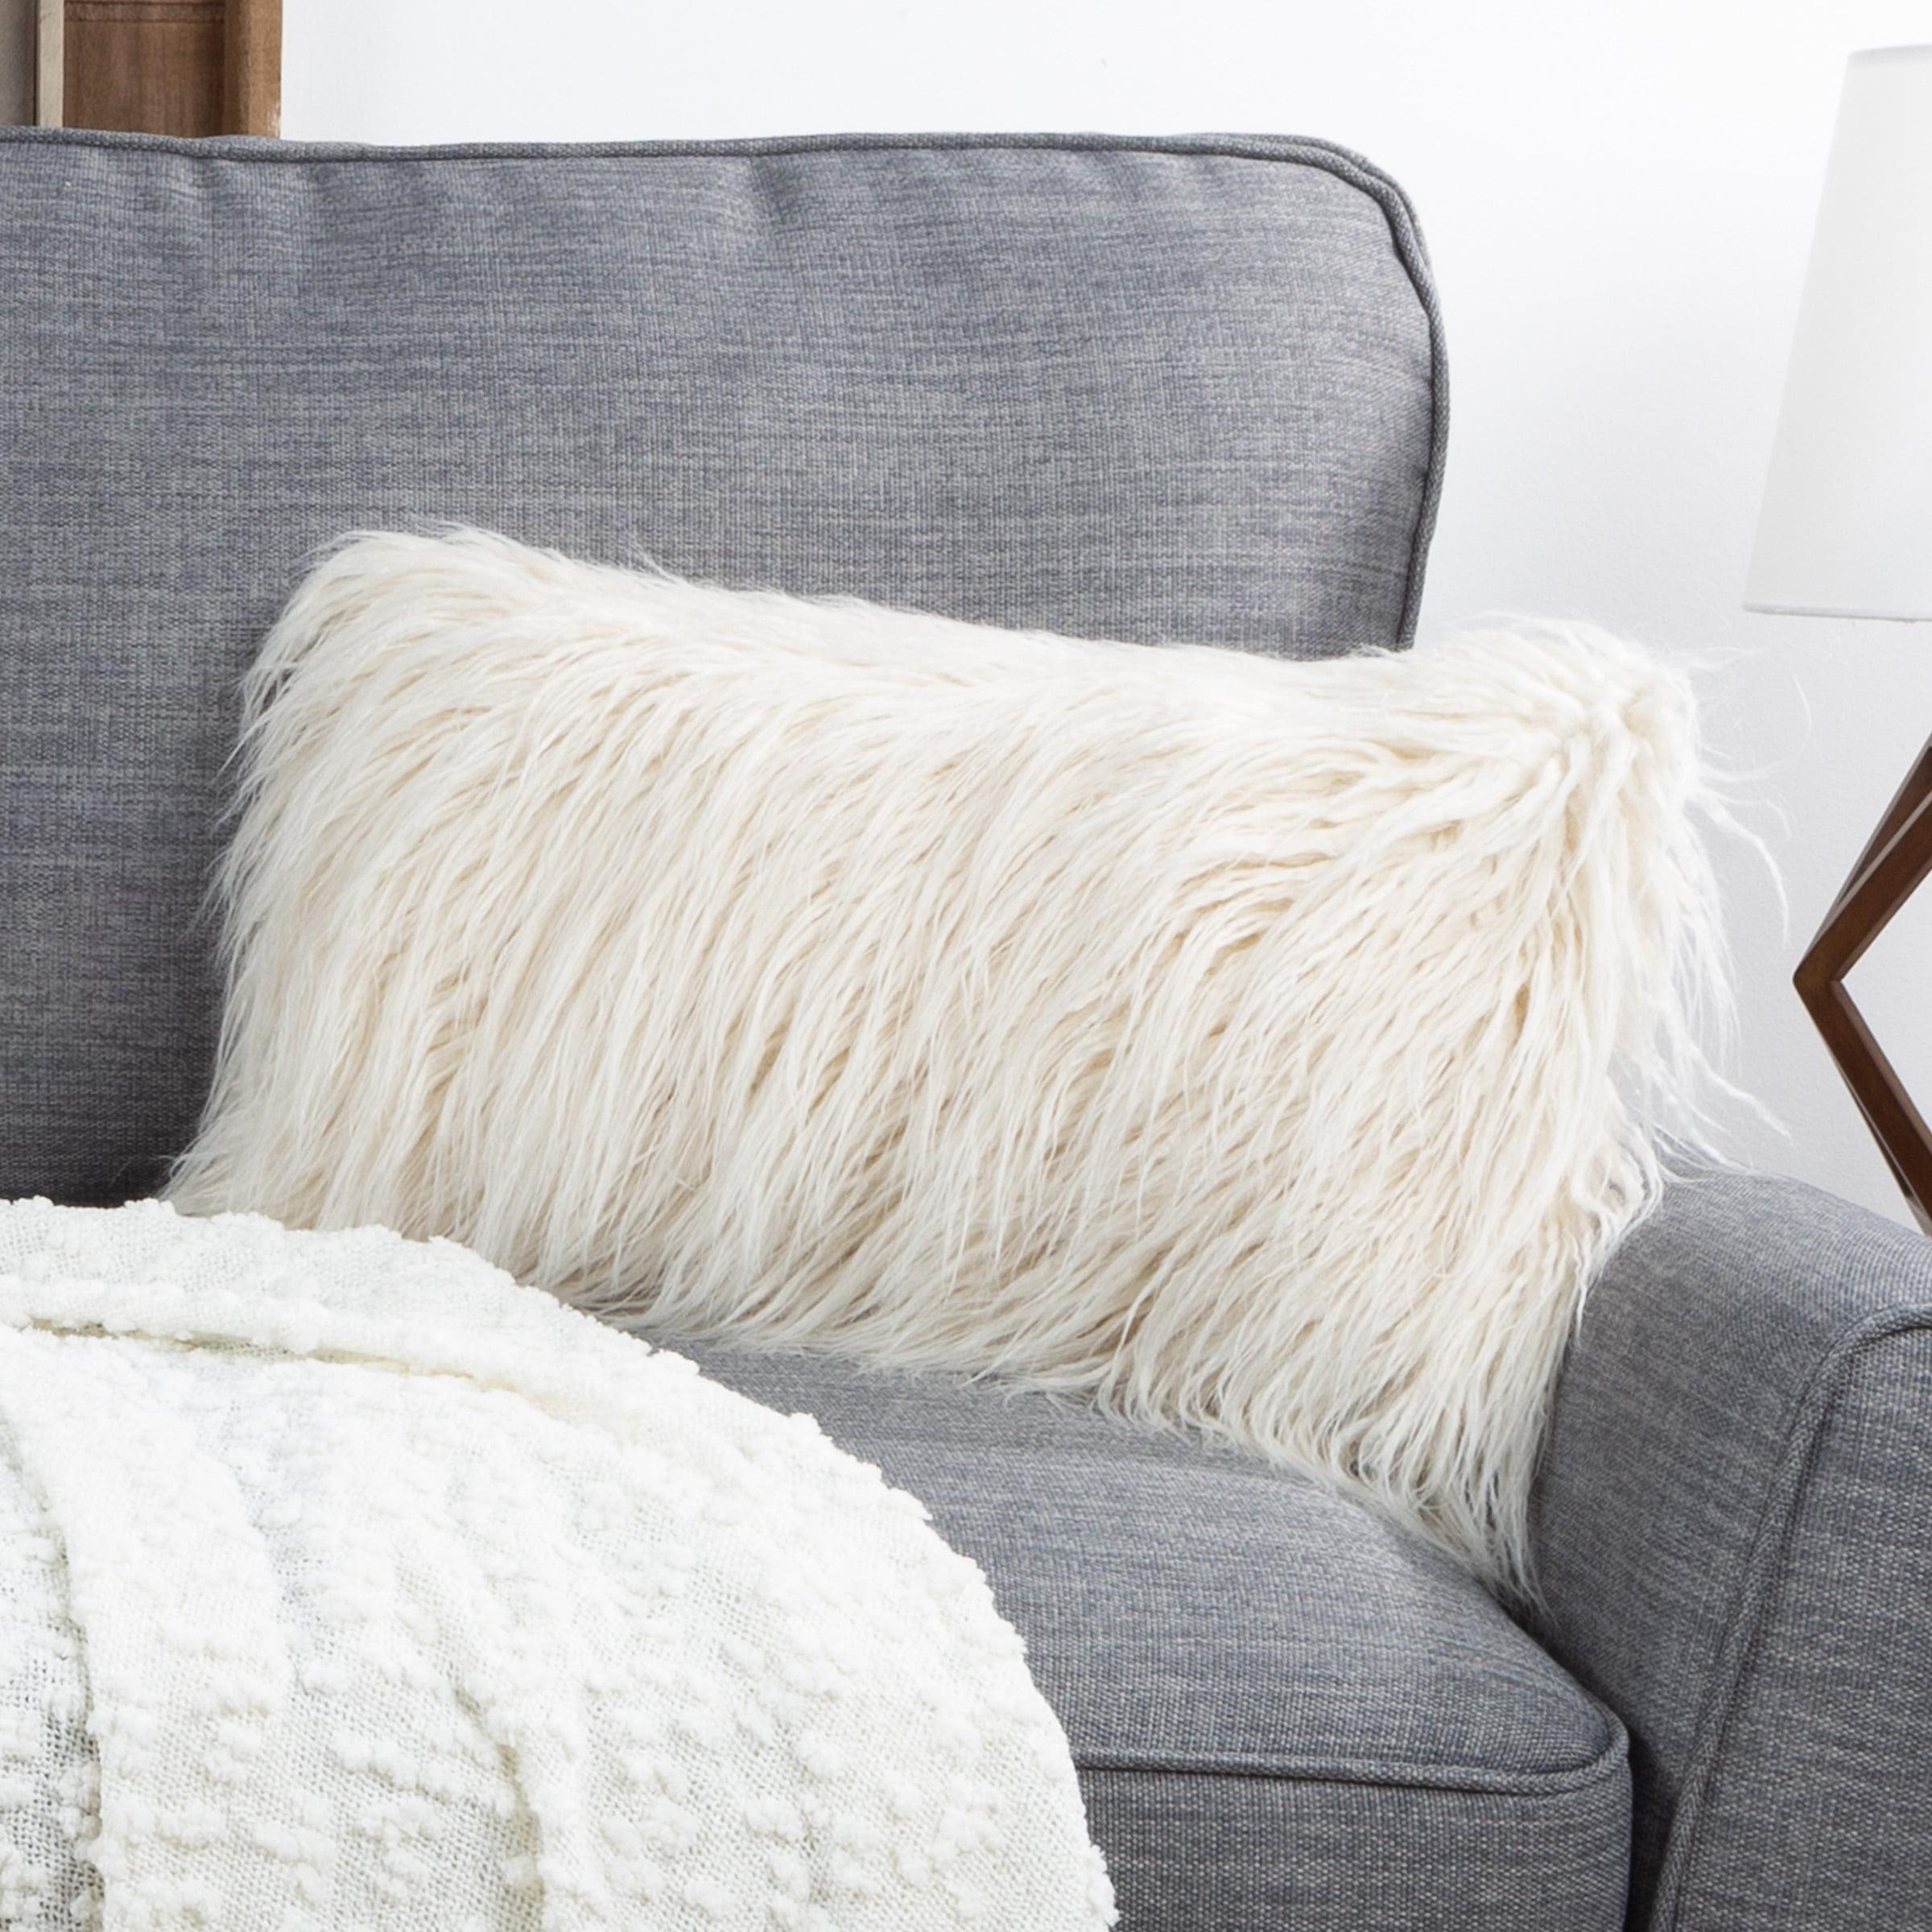 Somerset Home Mongolian Faux Fur Lumbar Pillow â 12x20â Cover Insert Ivory Walmart Com Walmart Com